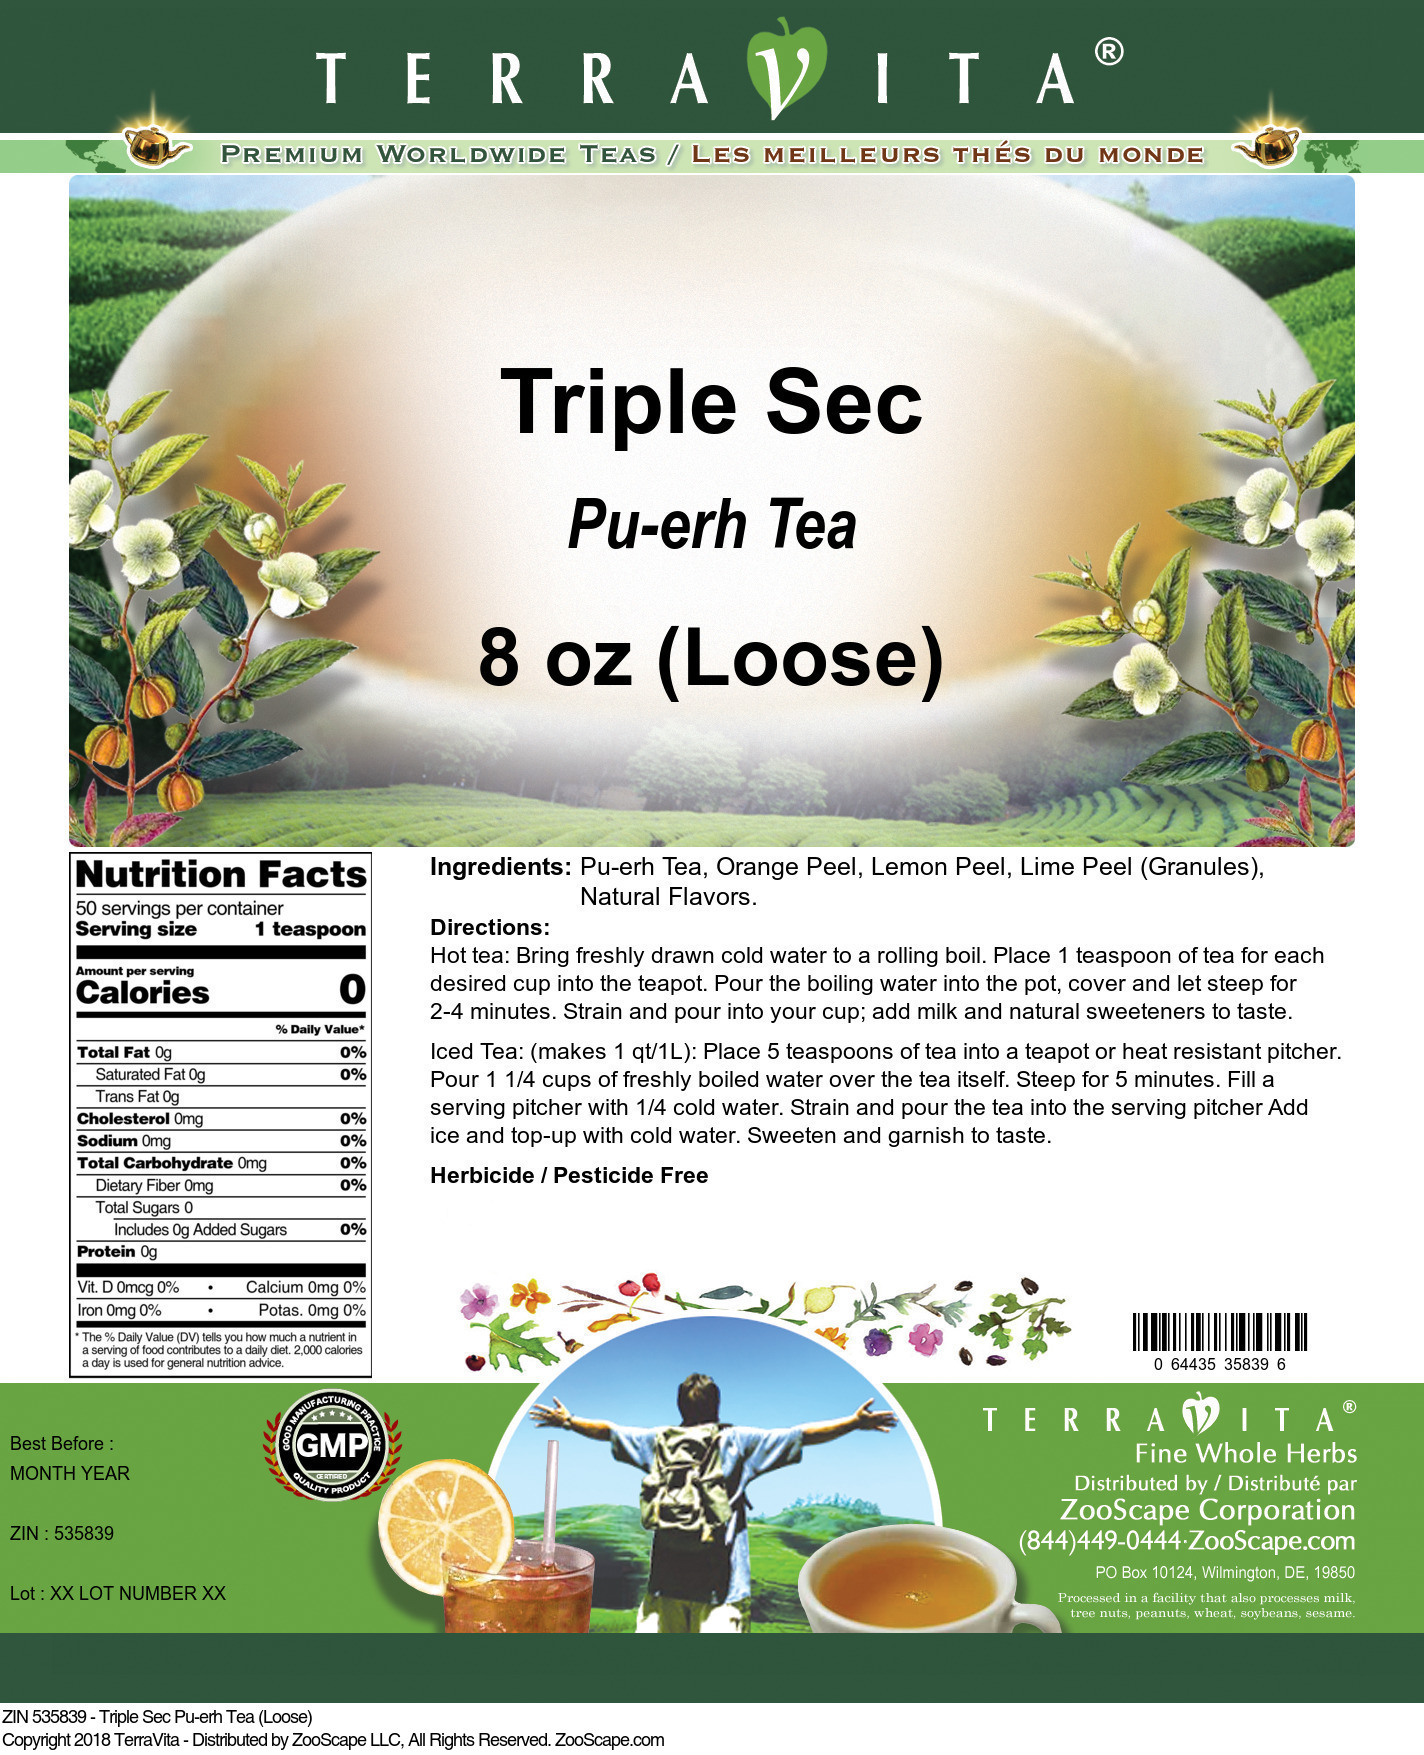 Triple Sec Pu-erh Tea